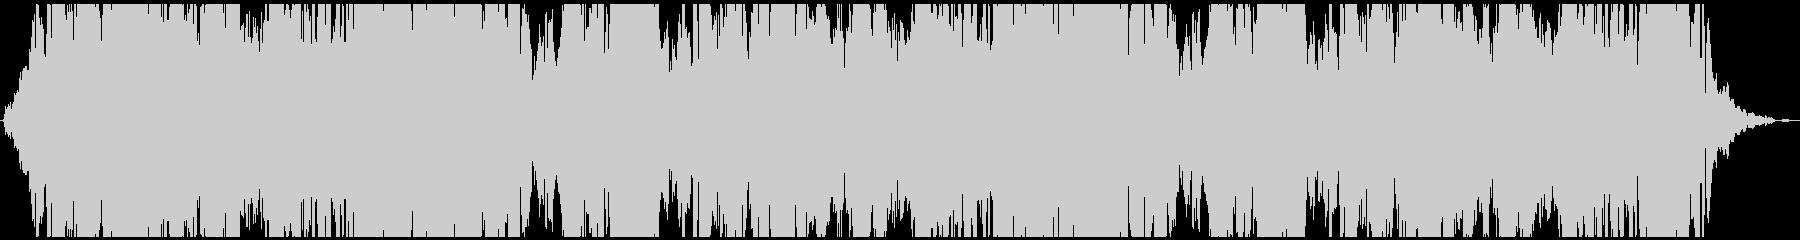 ドローン スプライス01の未再生の波形